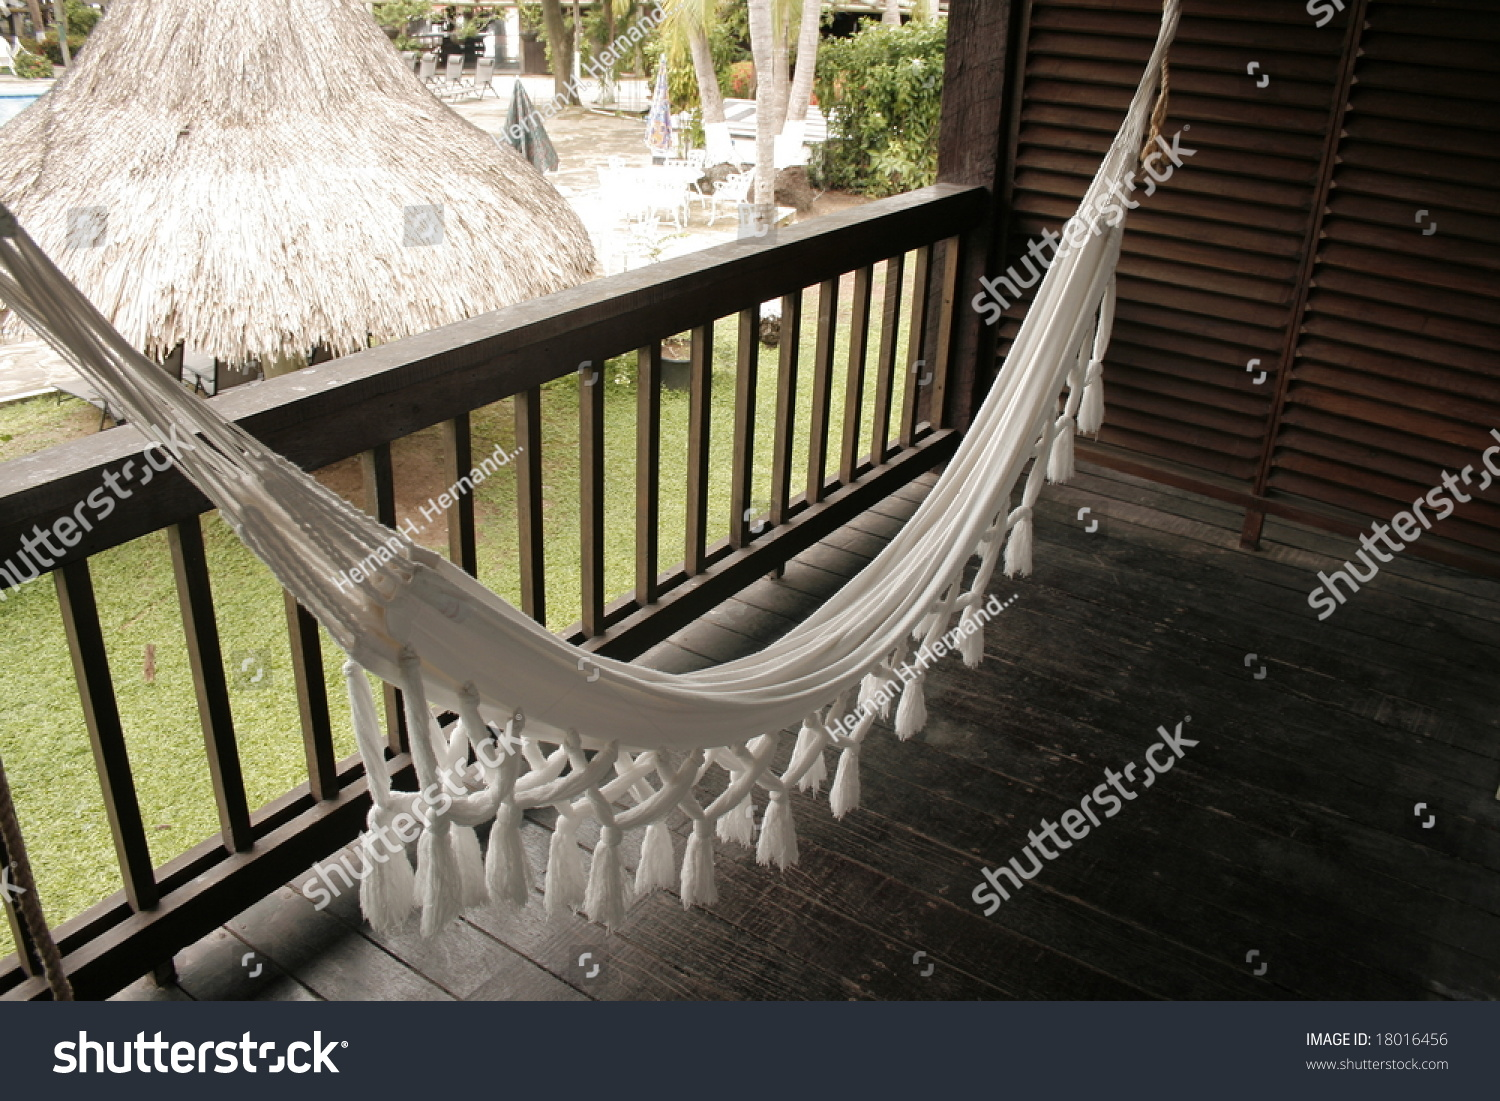 White hammock on balcony stock photo 18016456 shutterstock for Balcony hammock